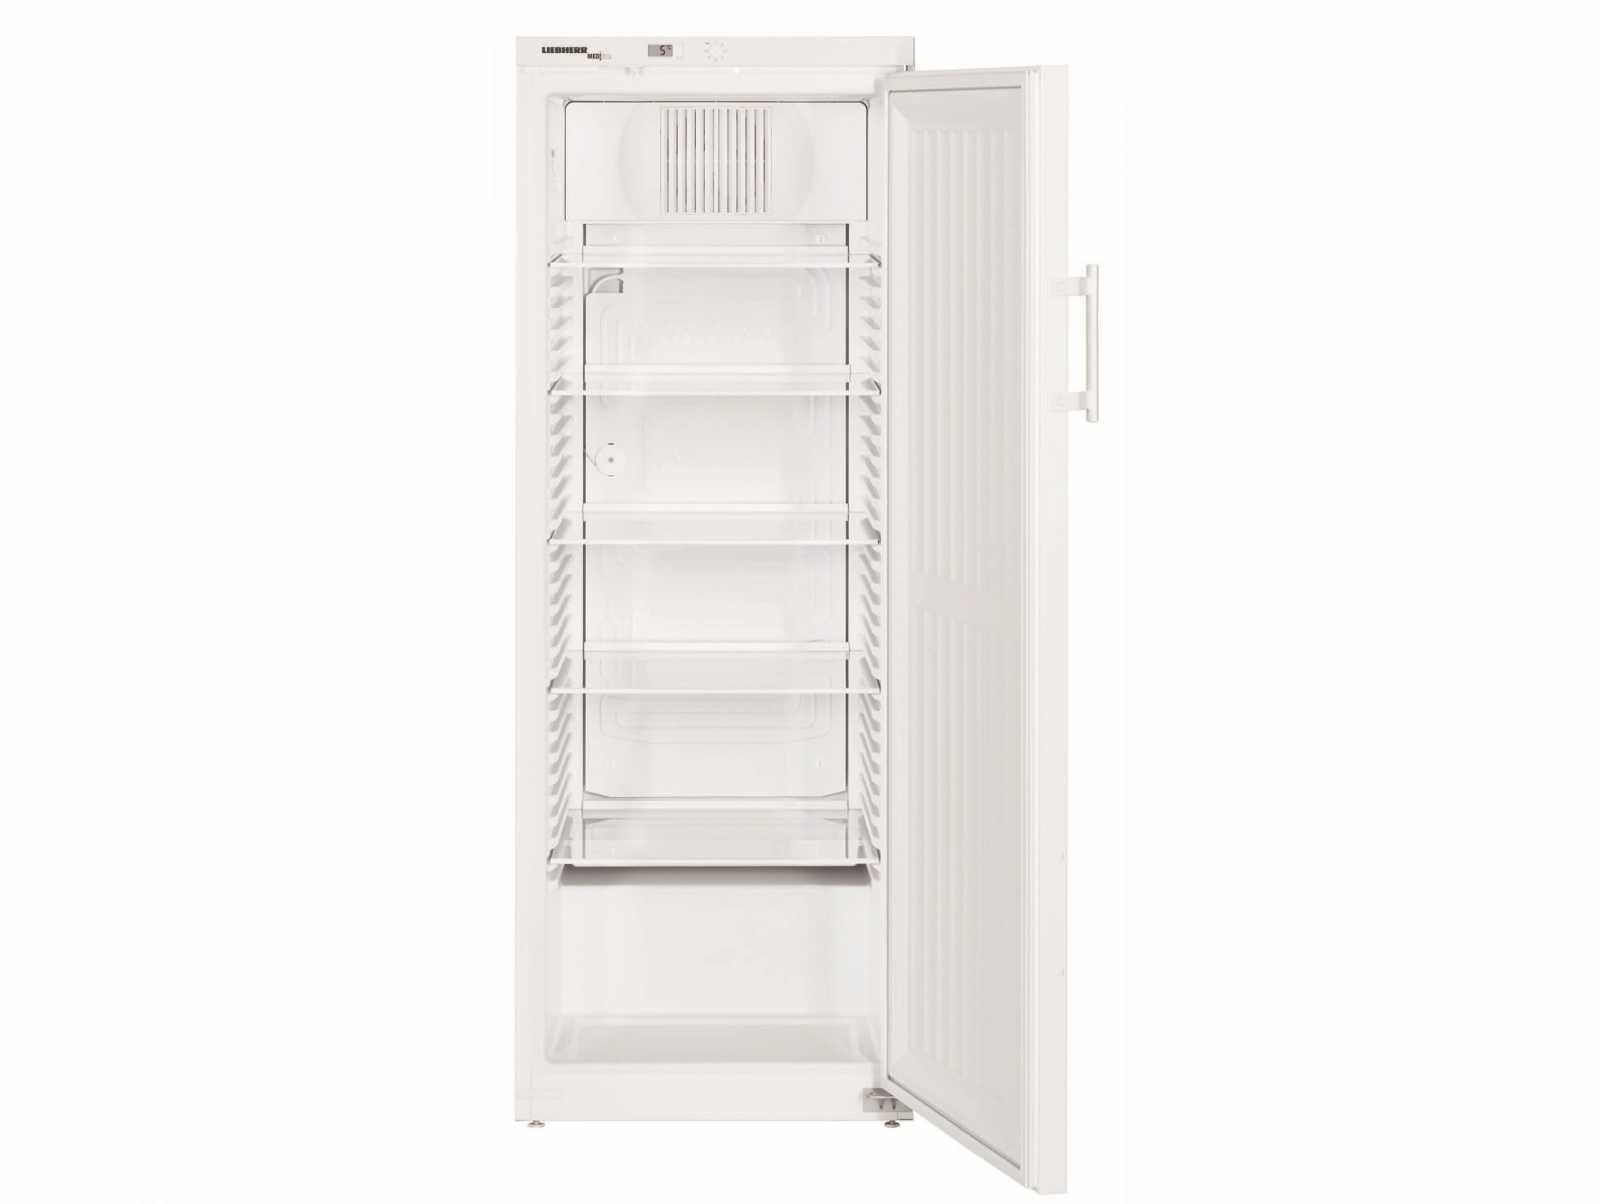 Лабораторный холодильный шкаф Liebherr LKexv 3600 купить украина